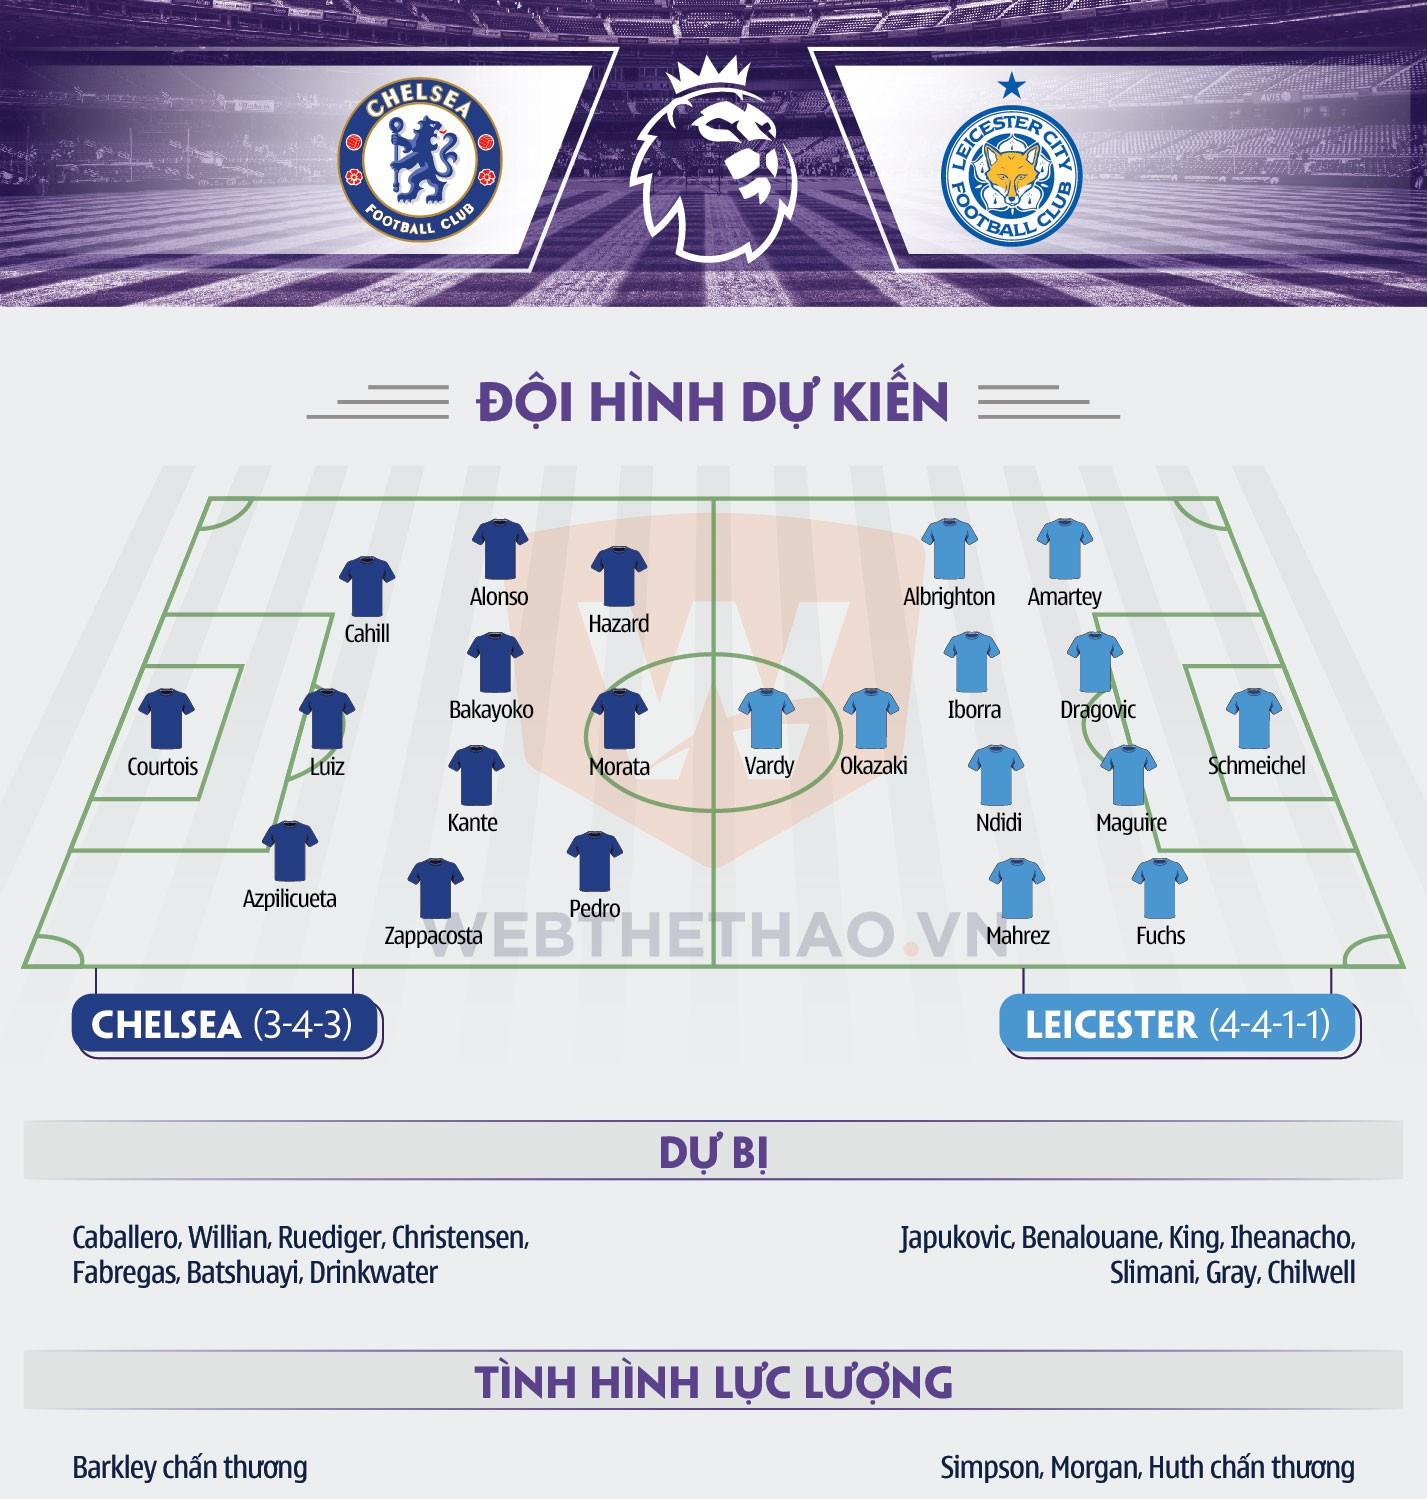 Hình ảnh: Thông tin chuyên môn trận Chelsea - Leicester